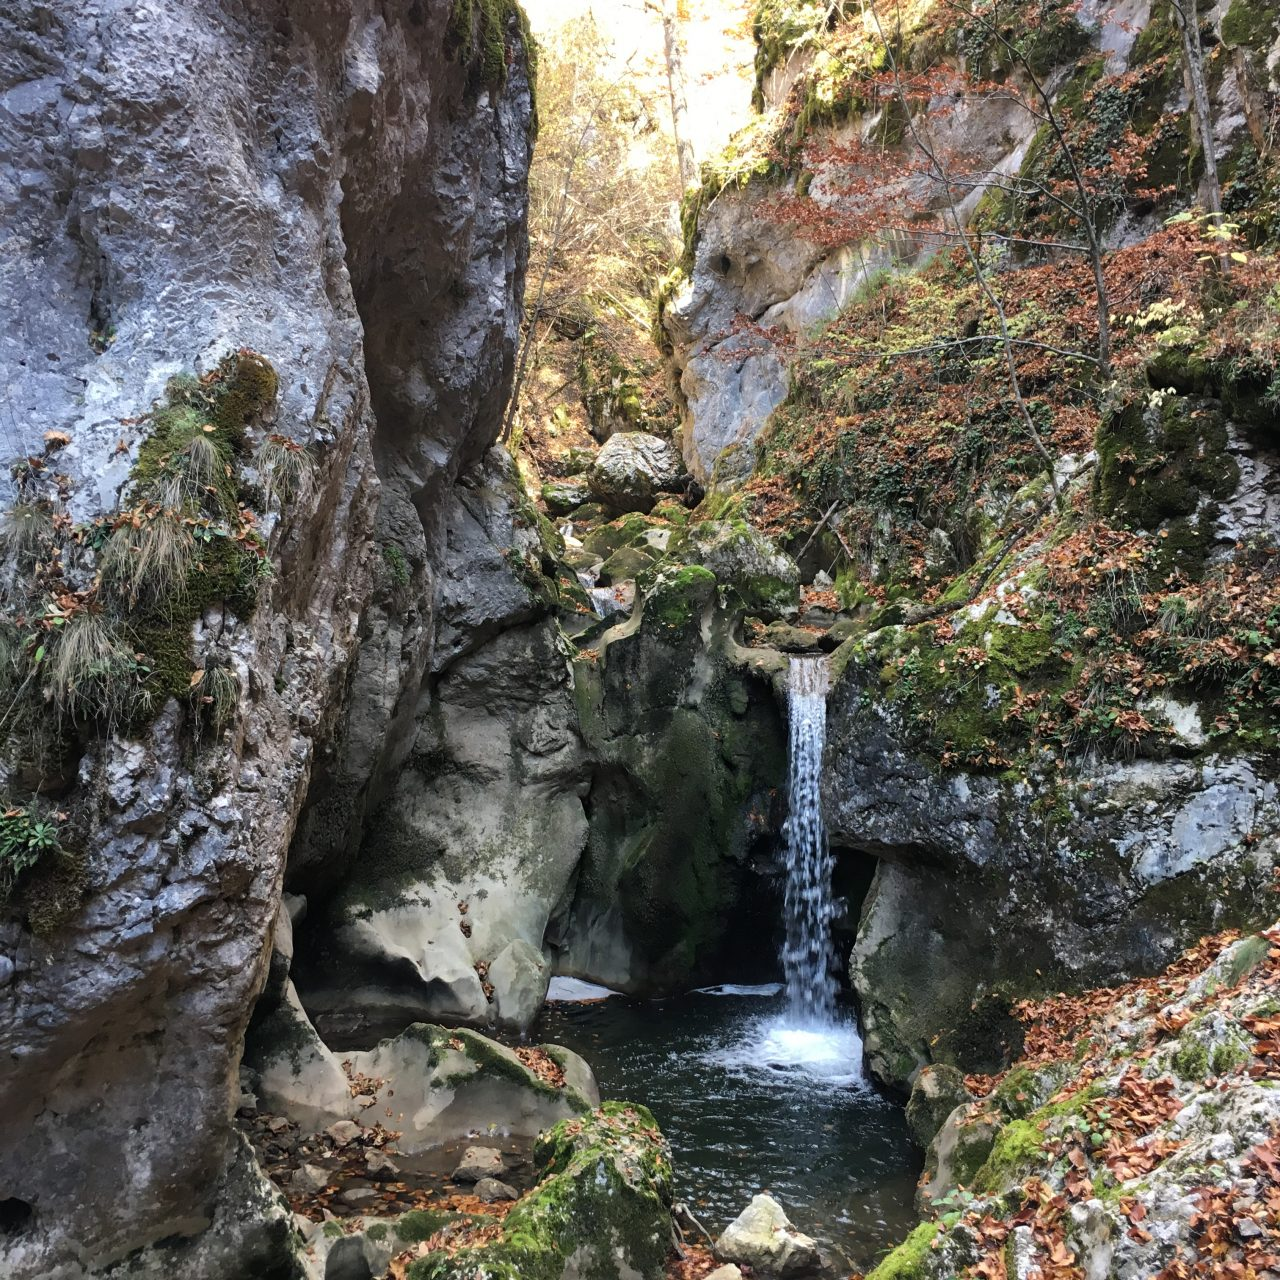 Valorizovati turistički potencijal Petnjice: Bratimin vir, Pećina grad, Torine i bihorski ćilim